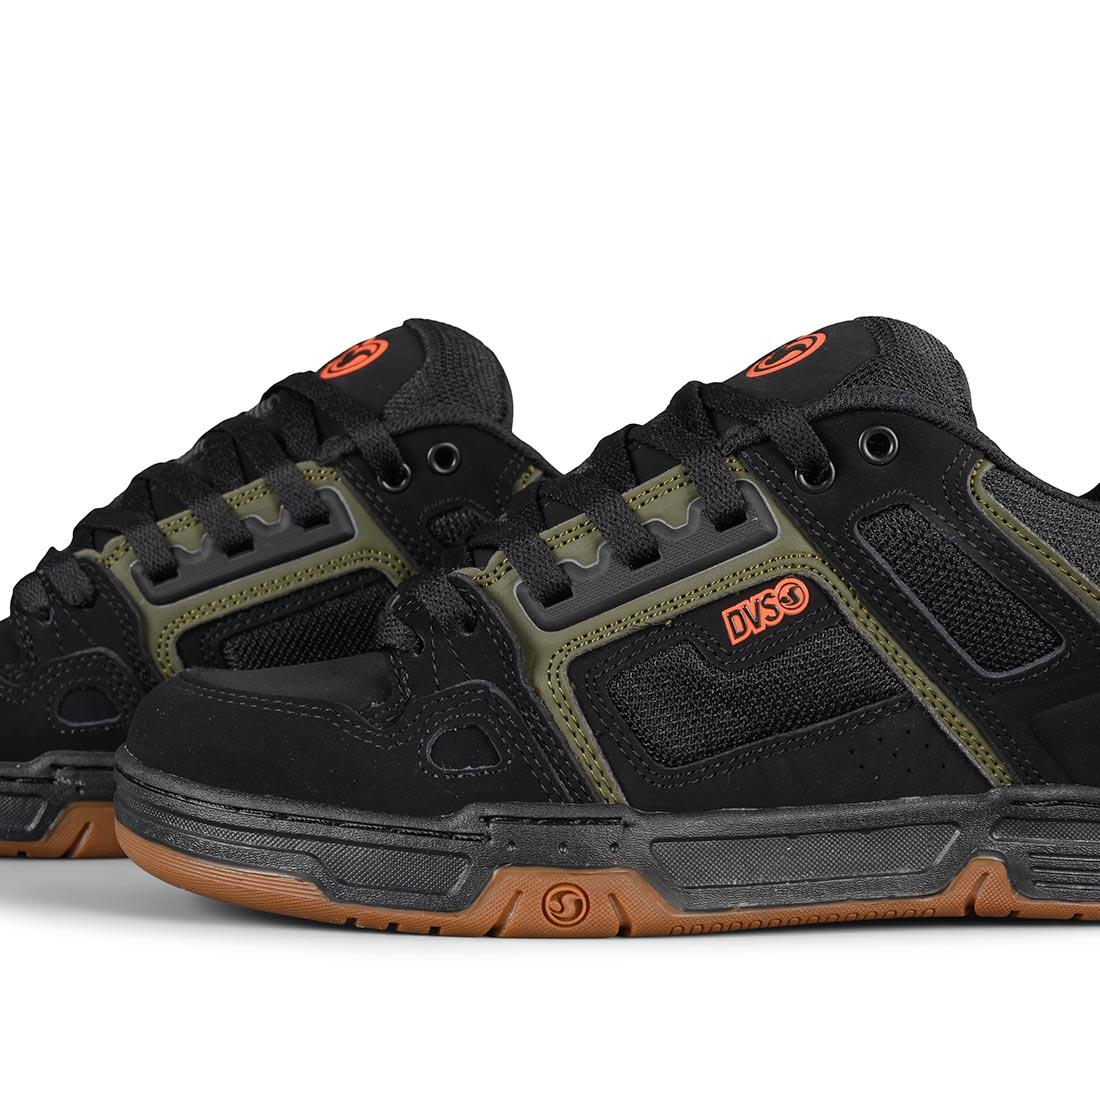 DVS Comanche Shoes - Black / Olive